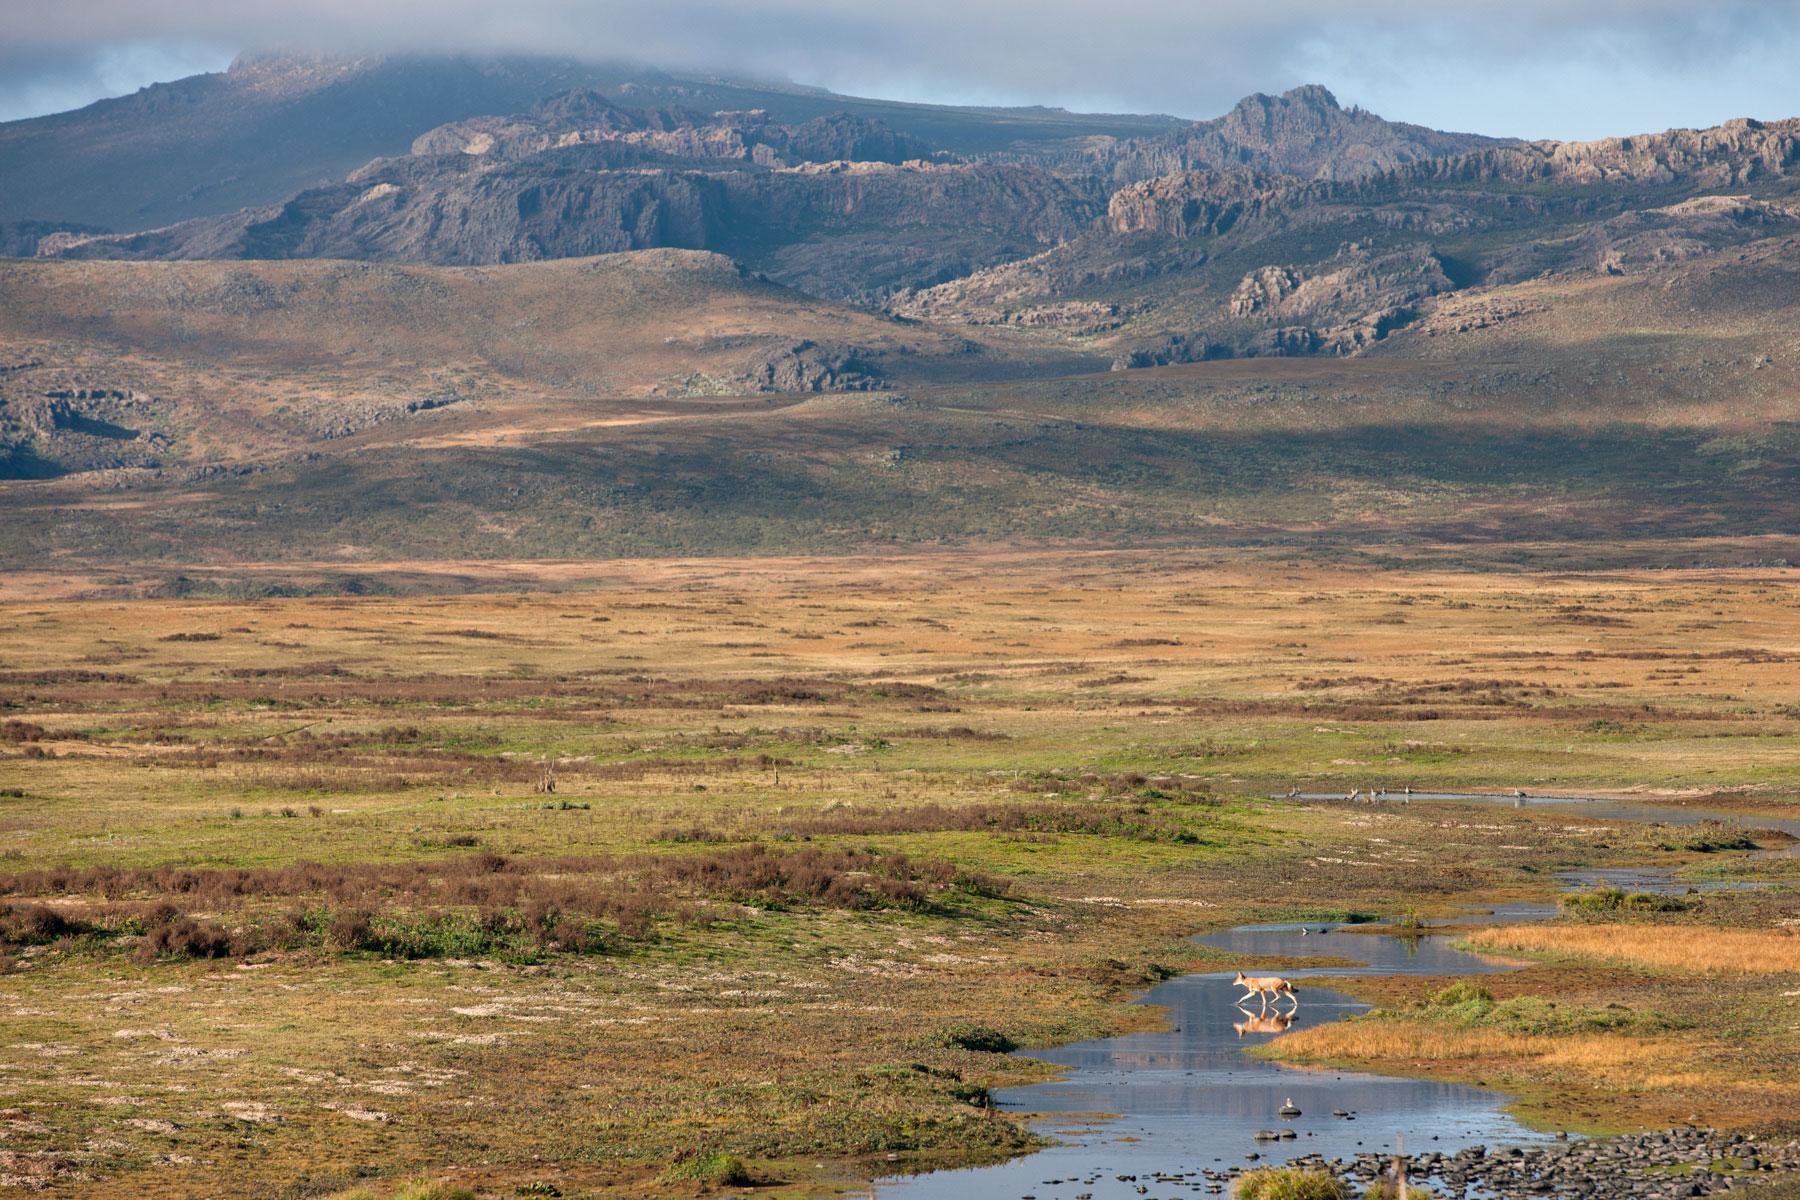 wolf-ethiopia-crossing-stream-Will-burrard-lucas